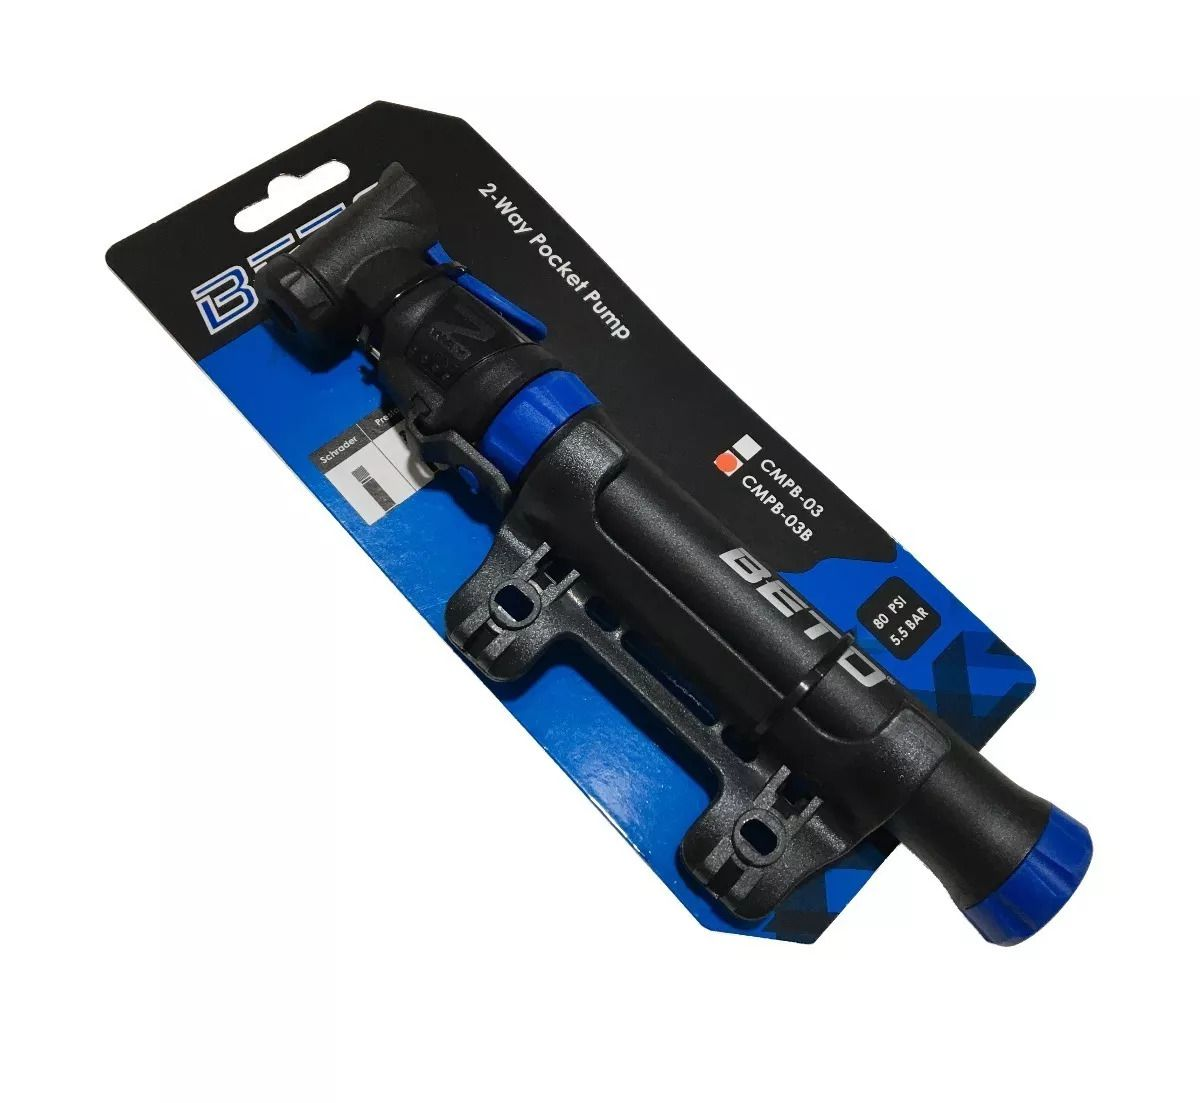 Mini Bomba De Mão Beto Cmpb-03b 80 Psi Reversível C/ Suporte